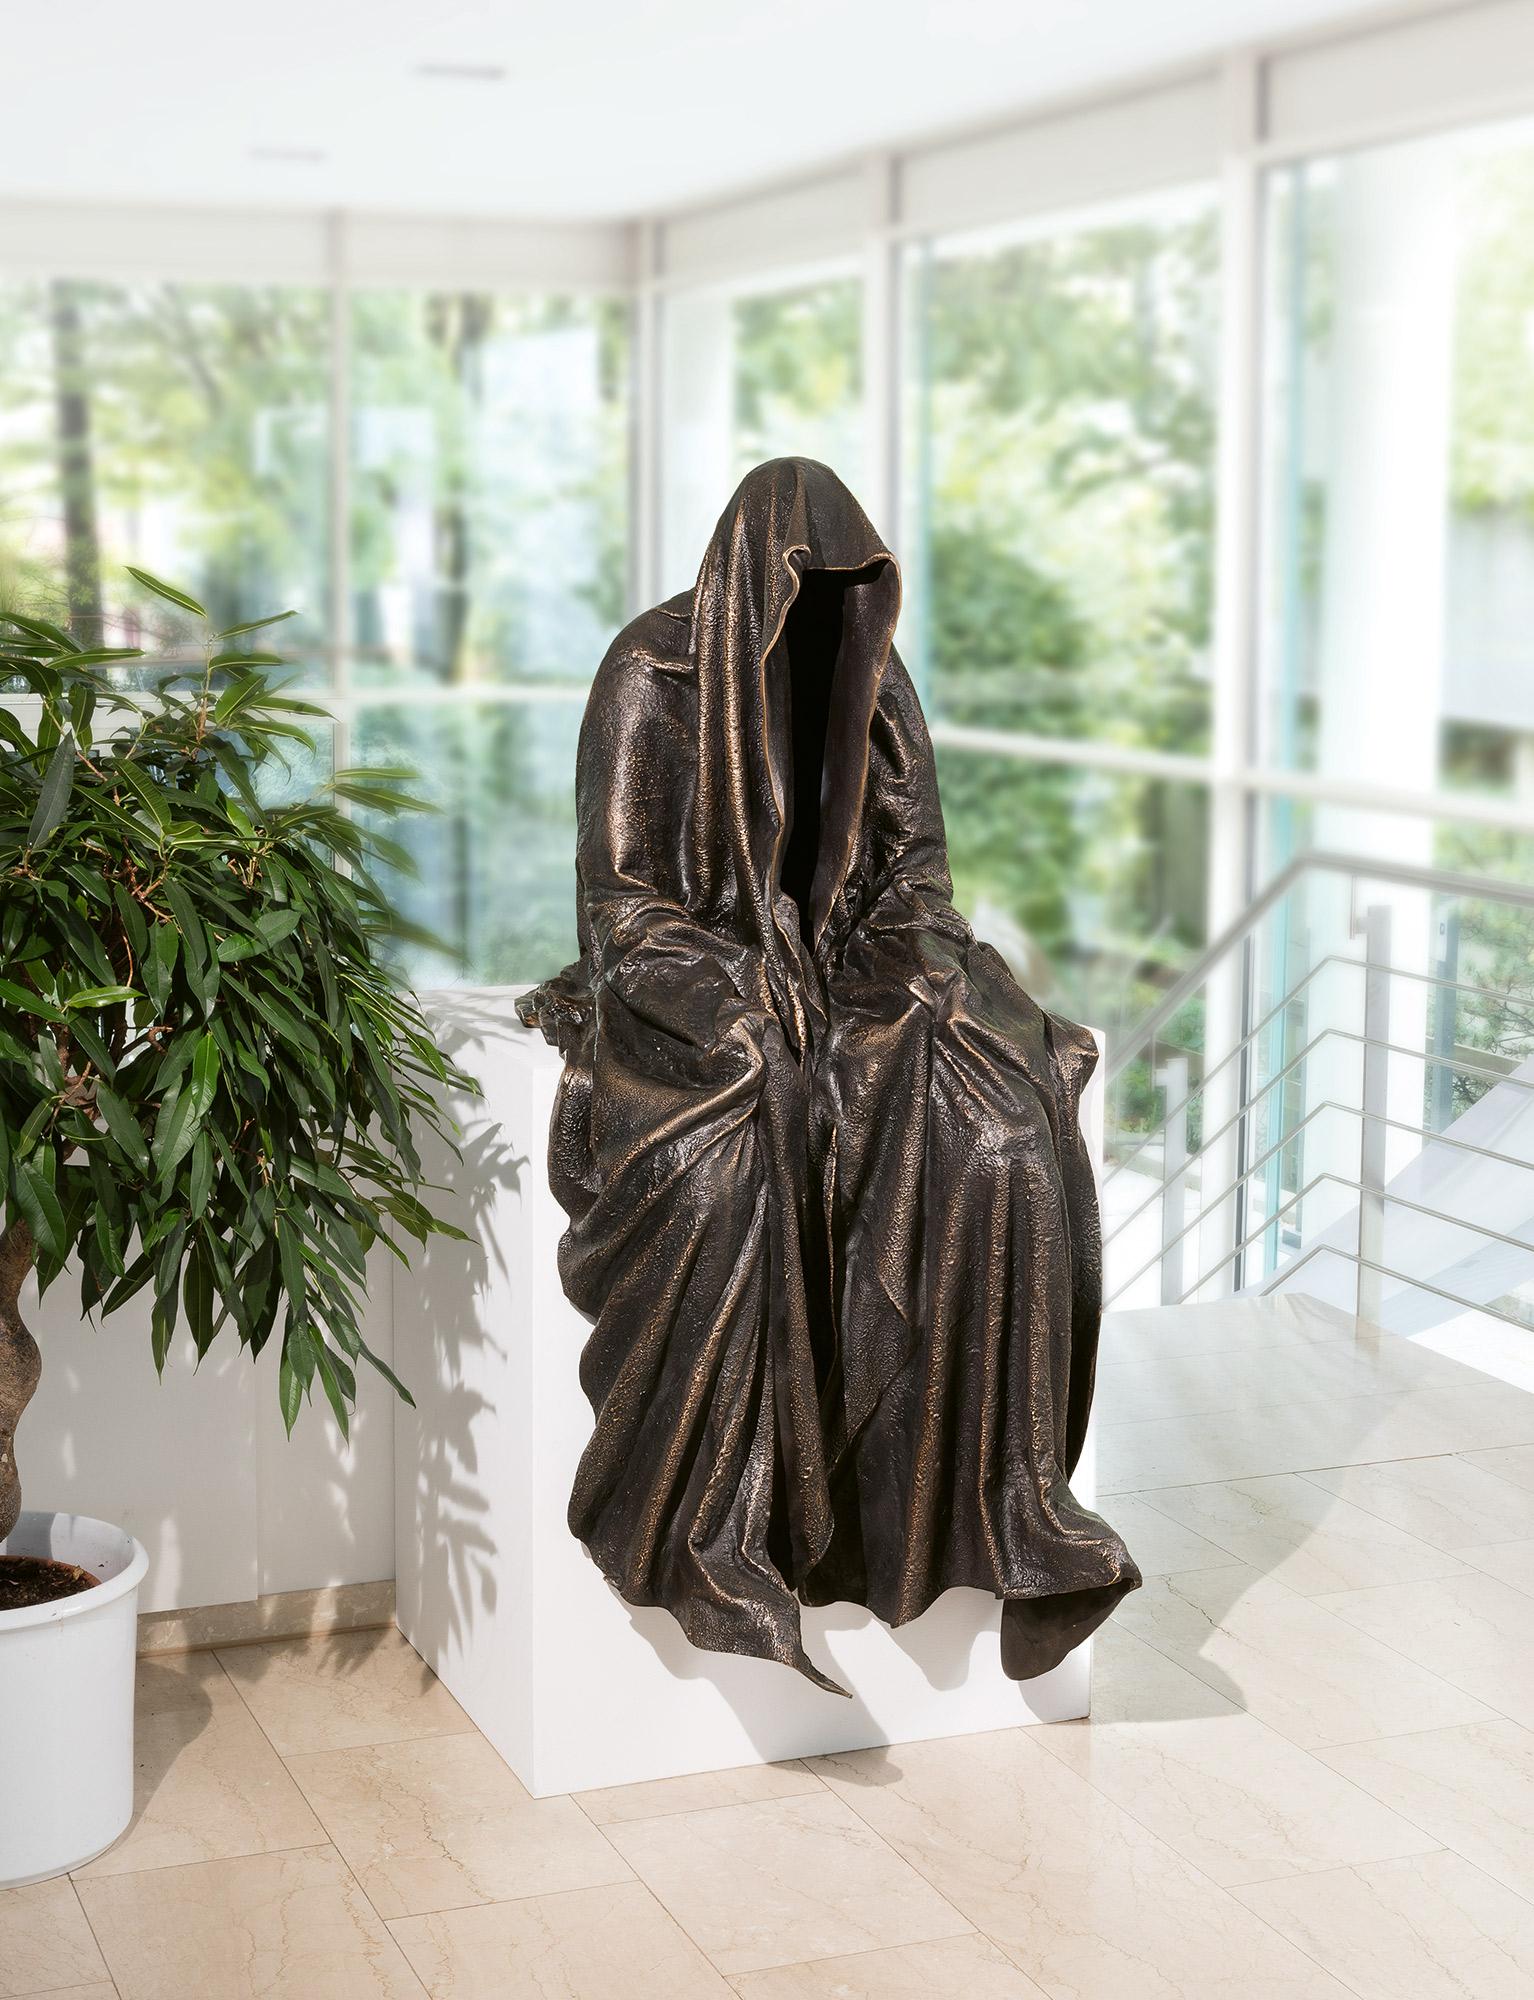 87735_art-foundry-strassacker-guardians-of-time-manfred-kielnhofer-sculpture-statue-ghost-faceless-bronze-fineart-arts-contemporary-art-modern-design